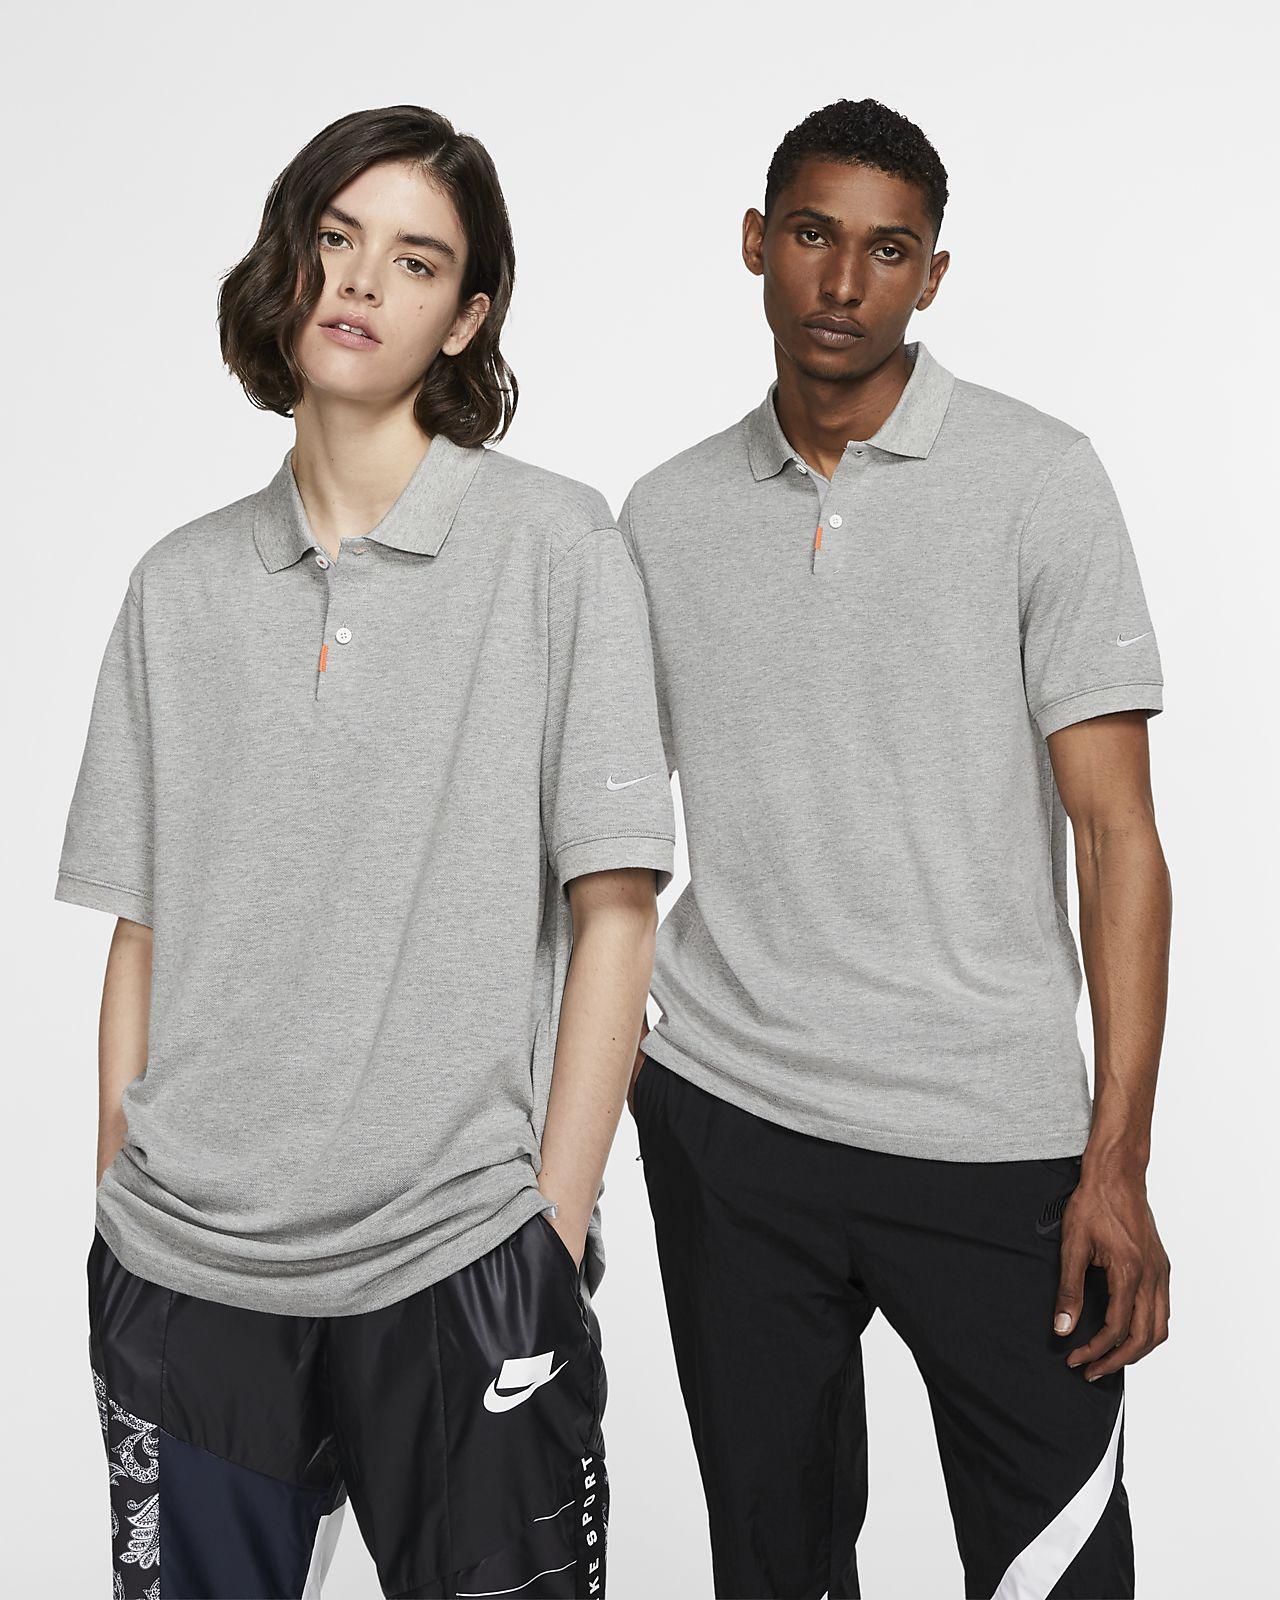 The Nike Polo Men's Polo